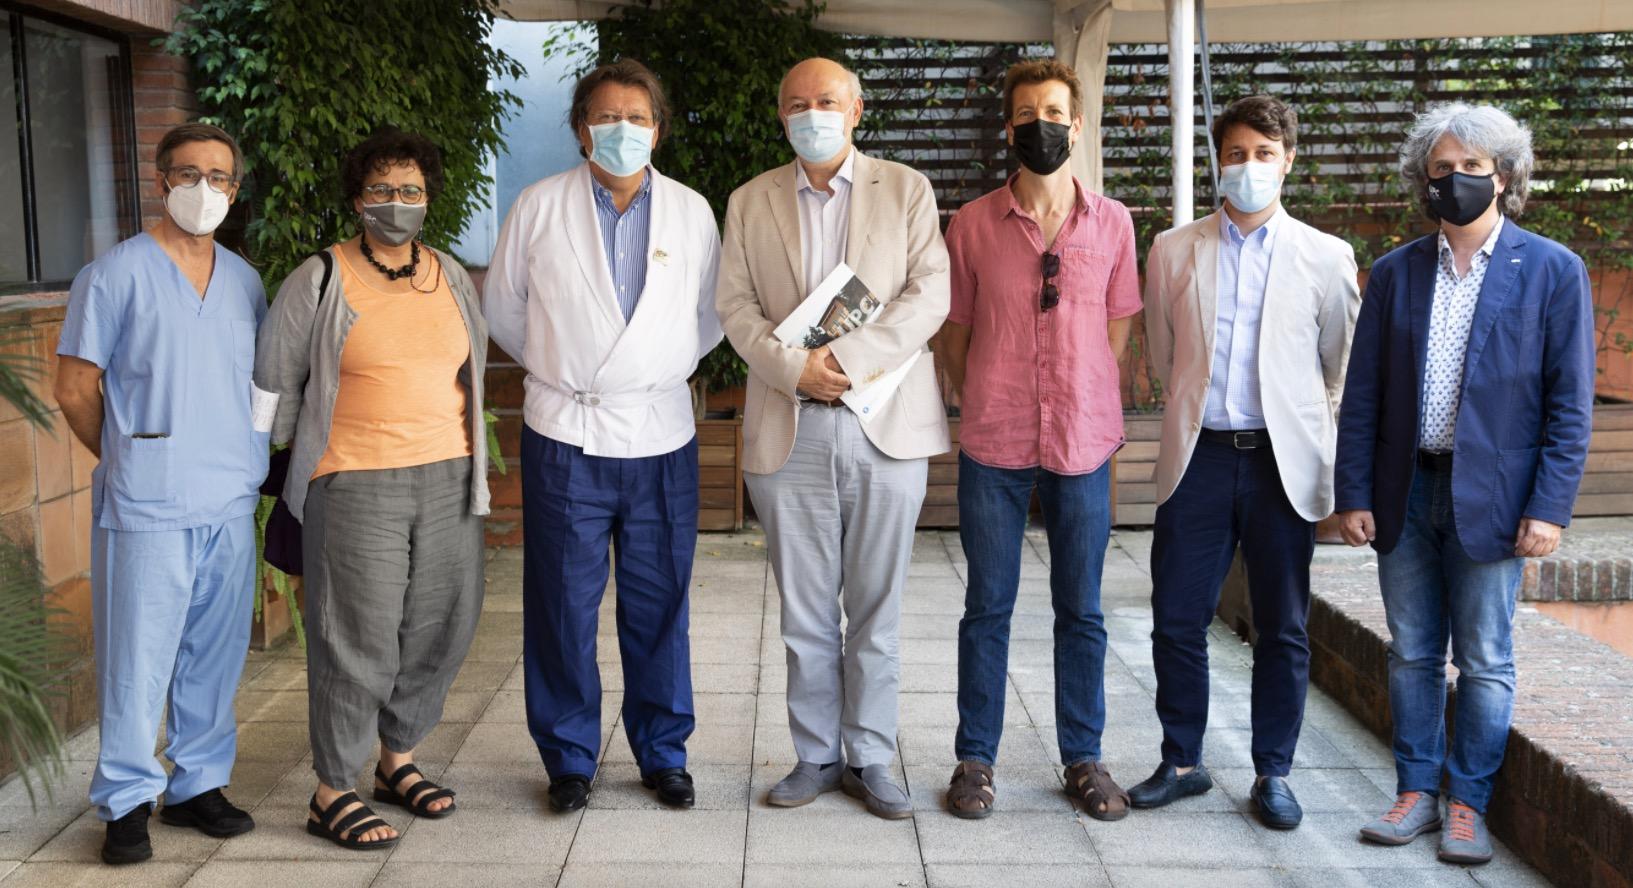 UPC- Acord amb la Fundació Barraquer per atendre pacients amb necessitats especifiques d'atenció visual i oftalmològica